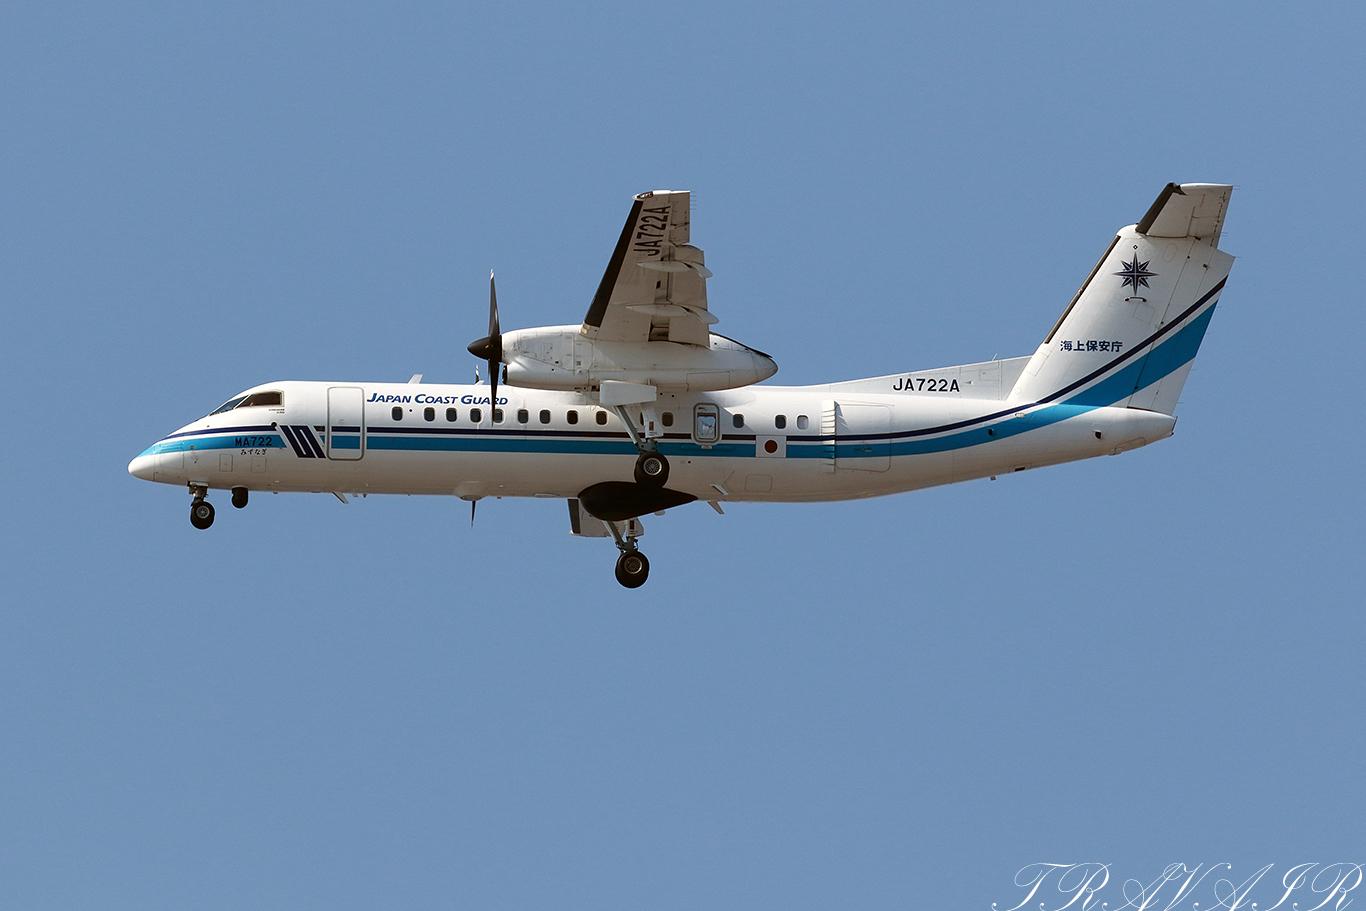 /JCG/海上保安庁 Japan Coast Guard Dash 8-300 JA722A